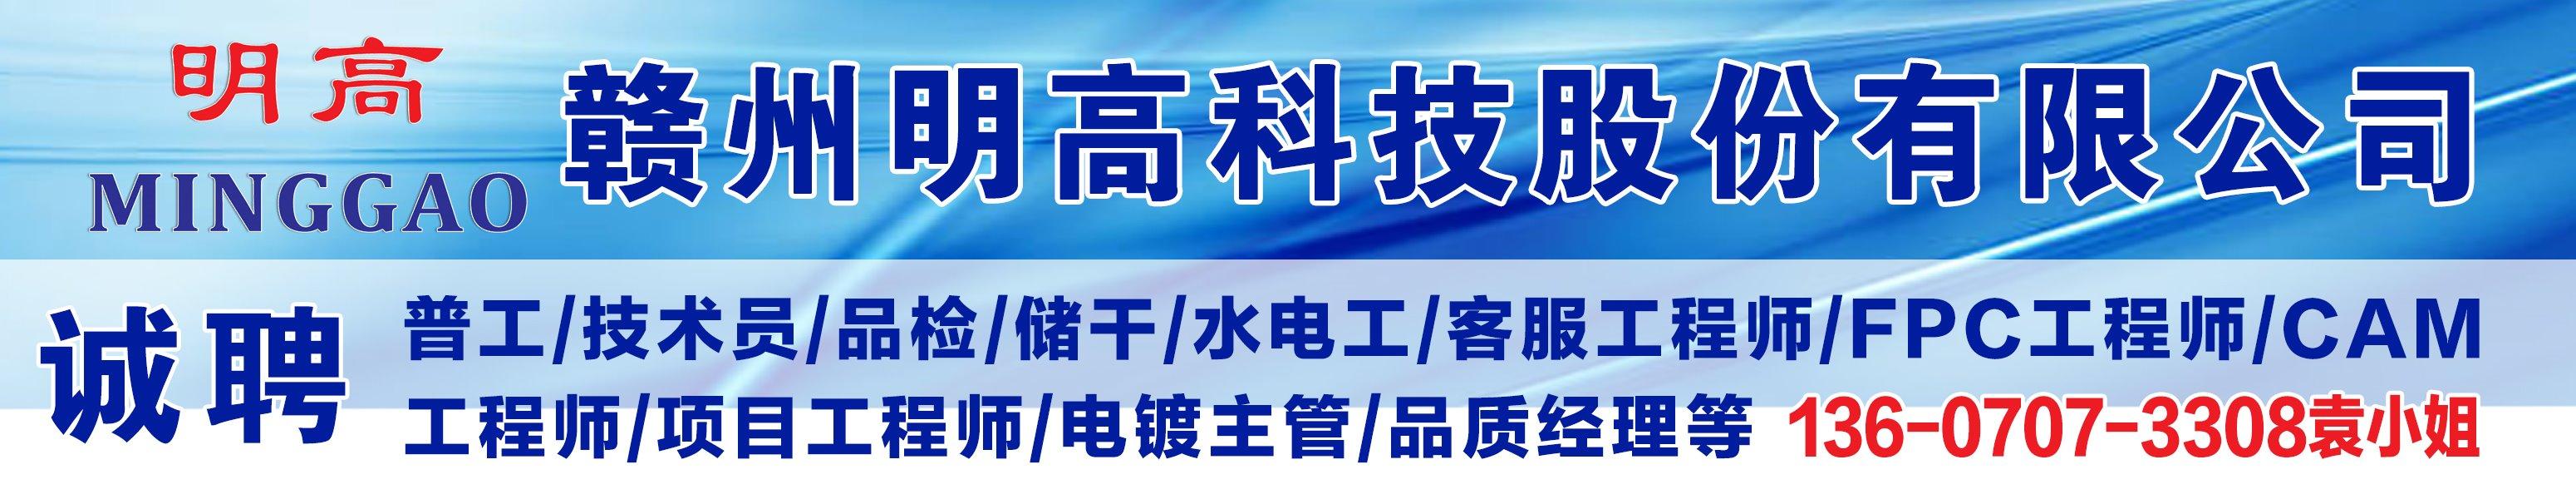 赣州明高科技股份有限公司